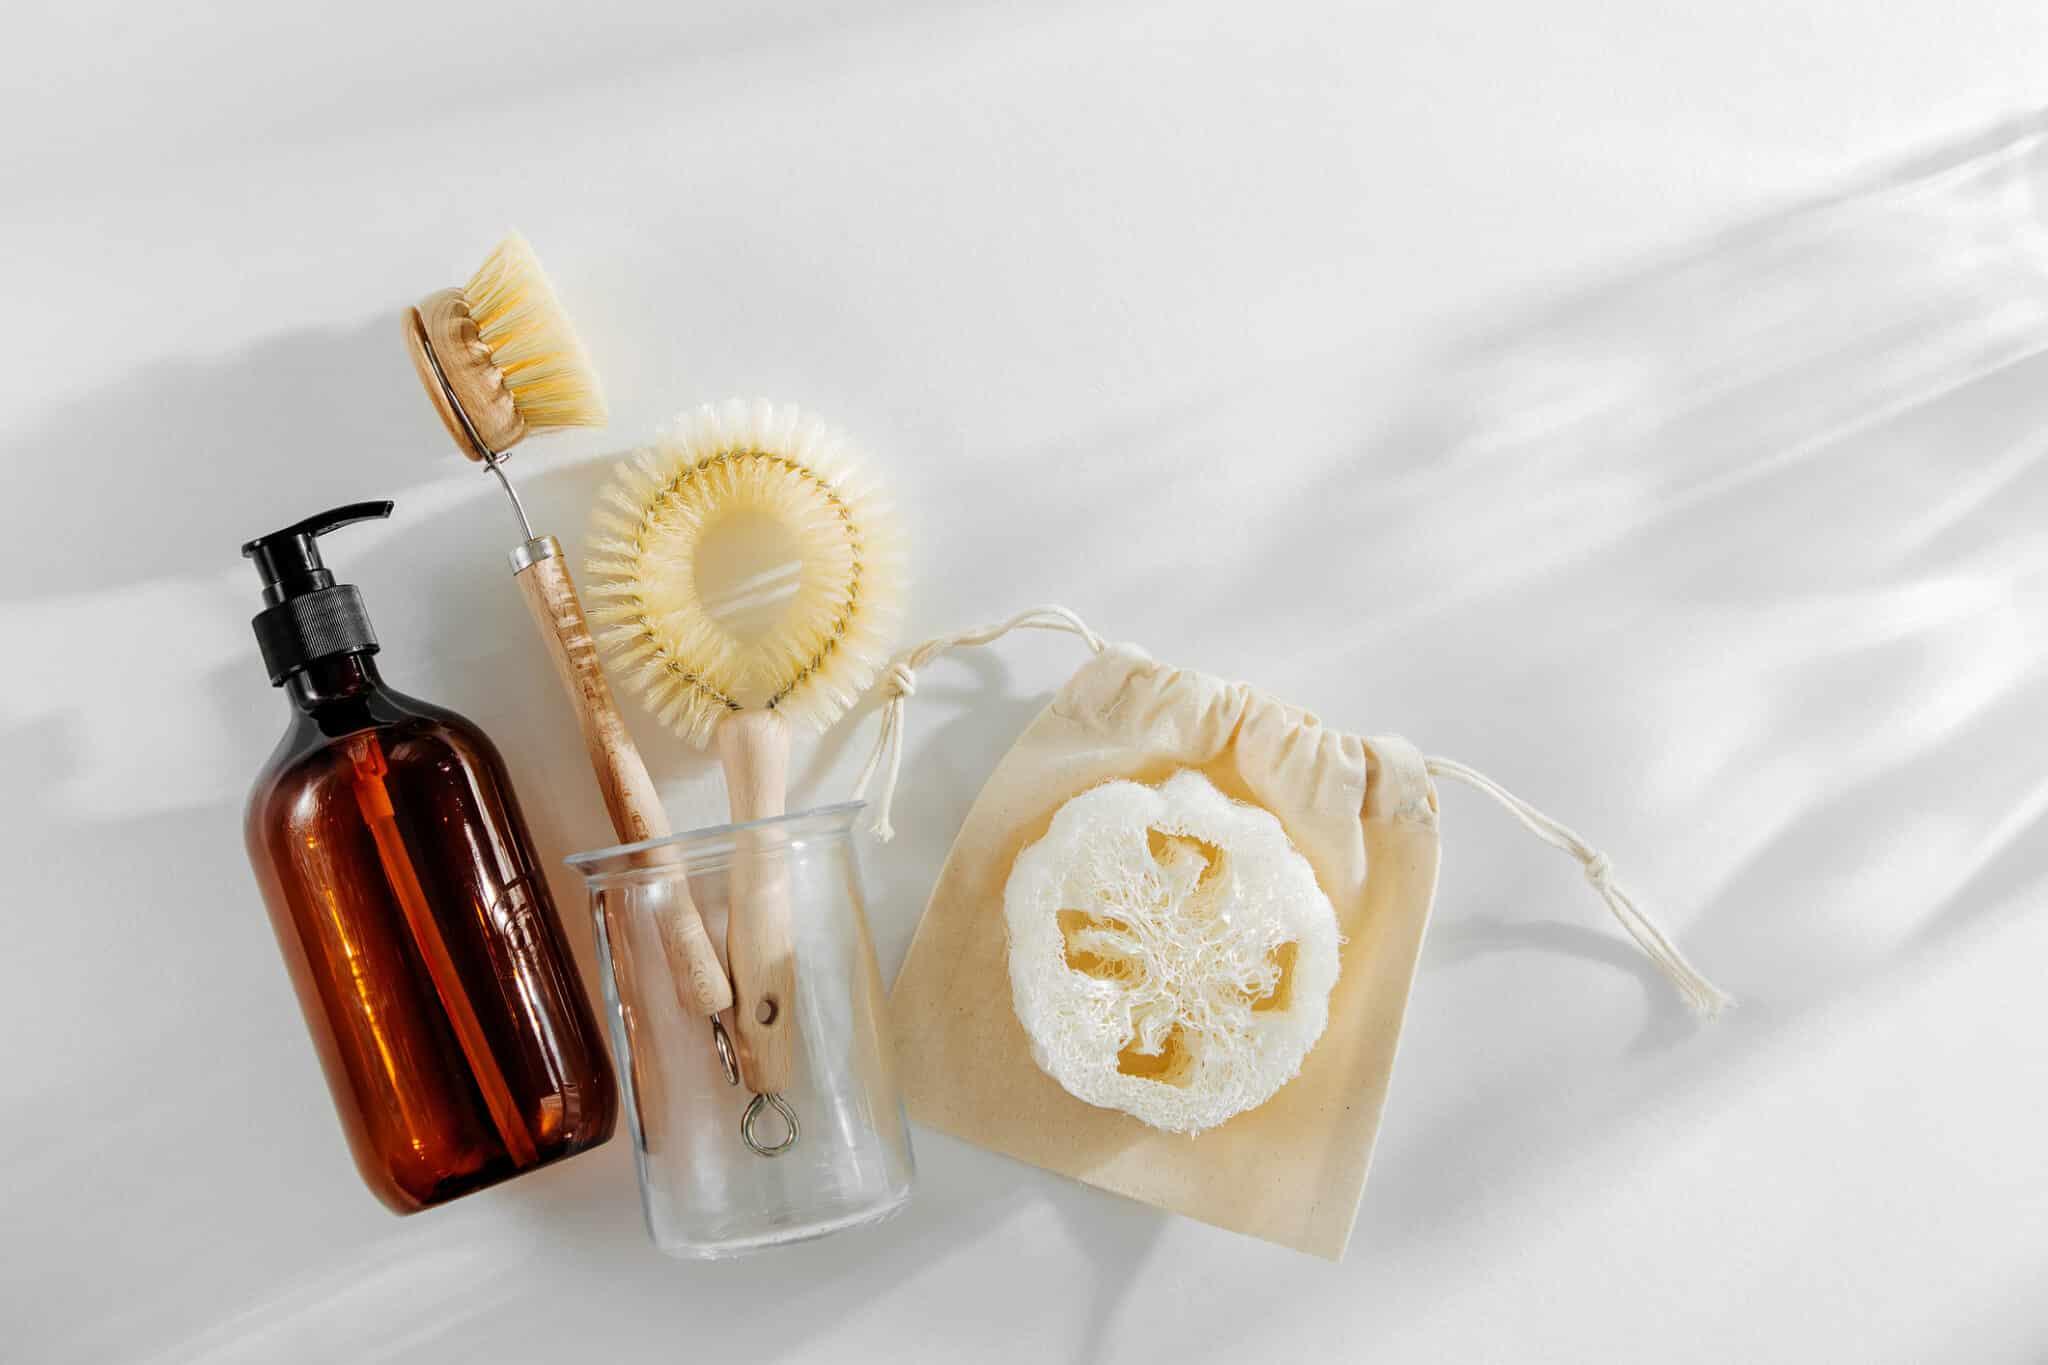 liquide vaisselle maison recette brosse flacon pompe